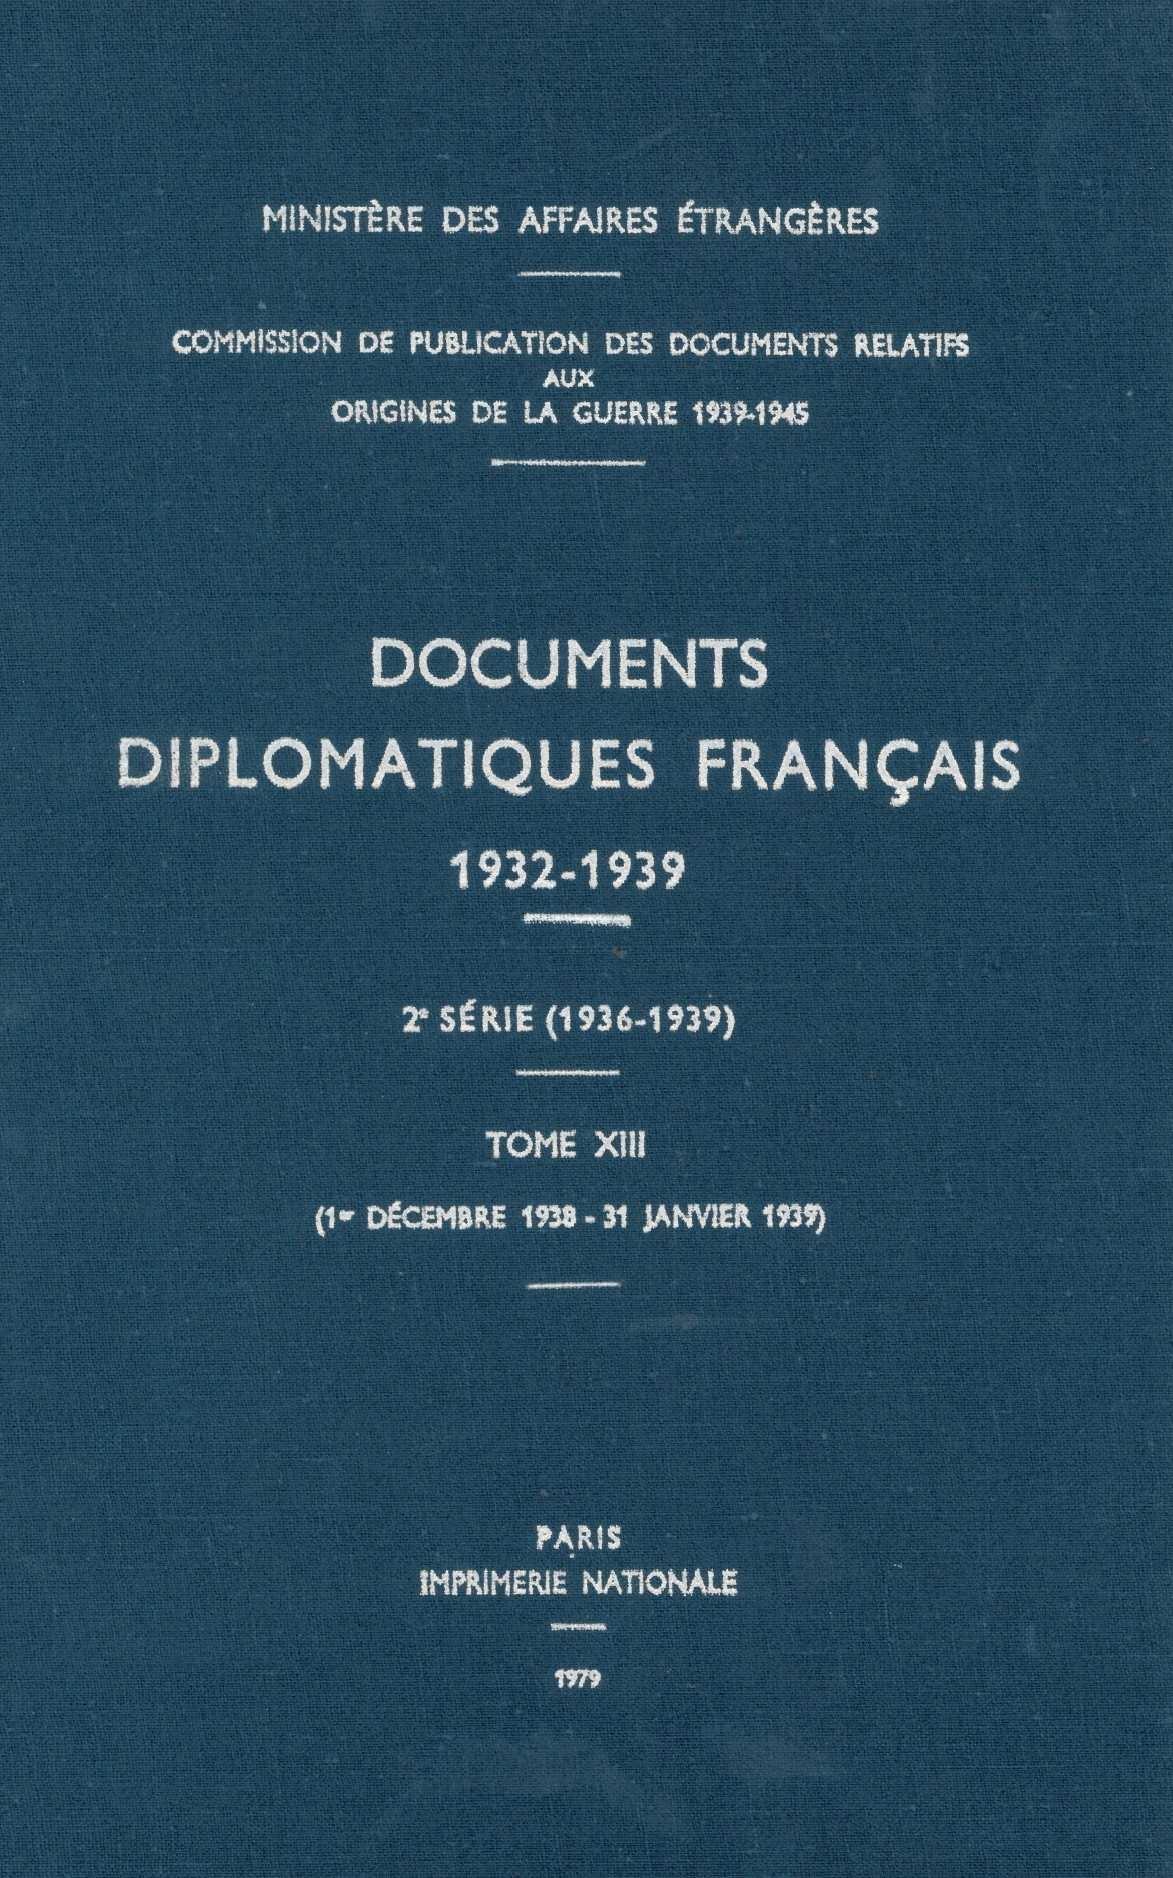 DOCUMENTS DIPLOMATIQUES FRANCAIS - 1938 - TOME VI (1ER DECEMBRE 1938 - 31 JANVIER 1939)